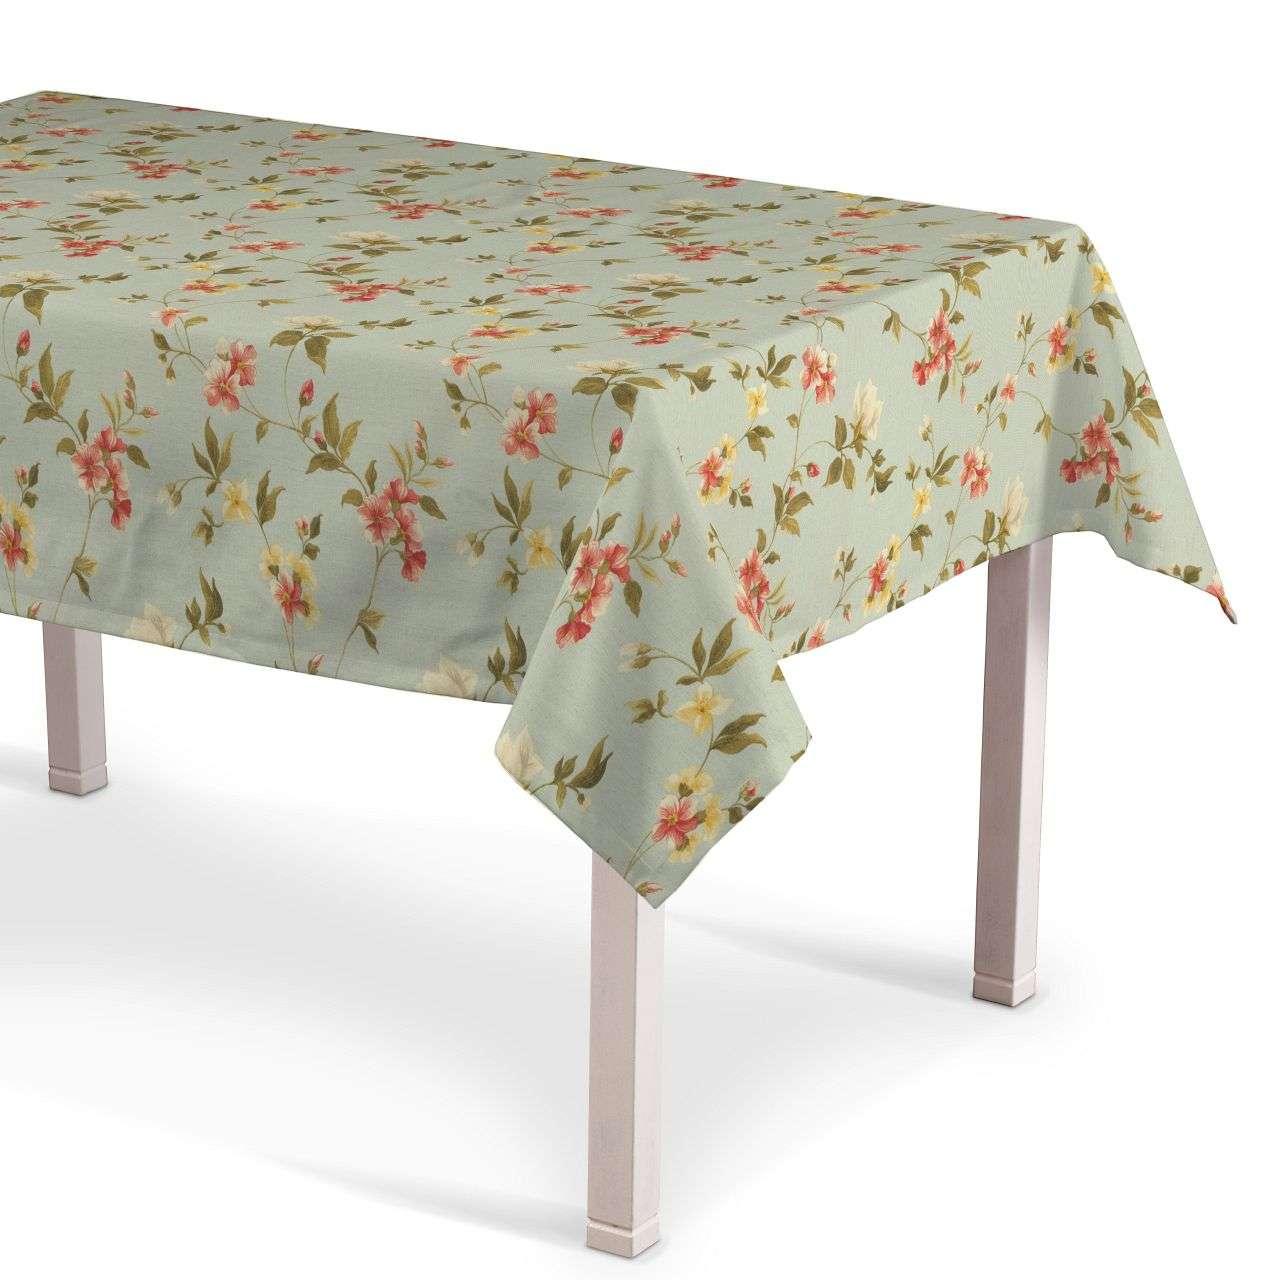 Staltiesės (stalui su kampais) 130 x 130 cm kolekcijoje Londres, audinys: 124-65